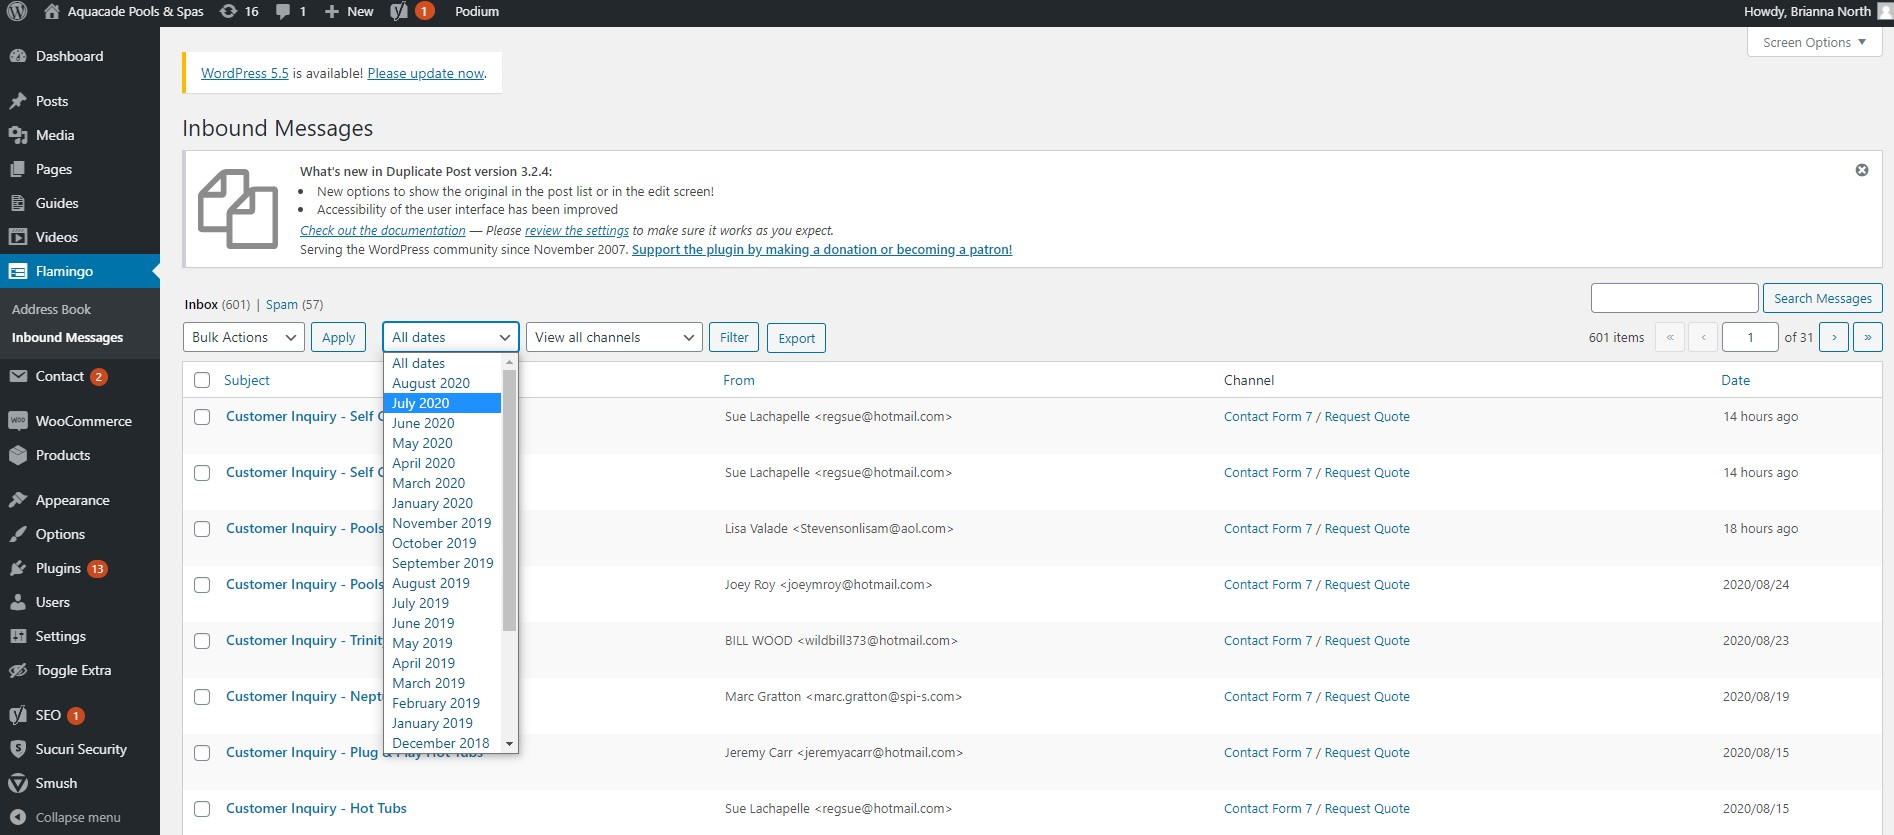 Screenshot of inbound messages in WordPress